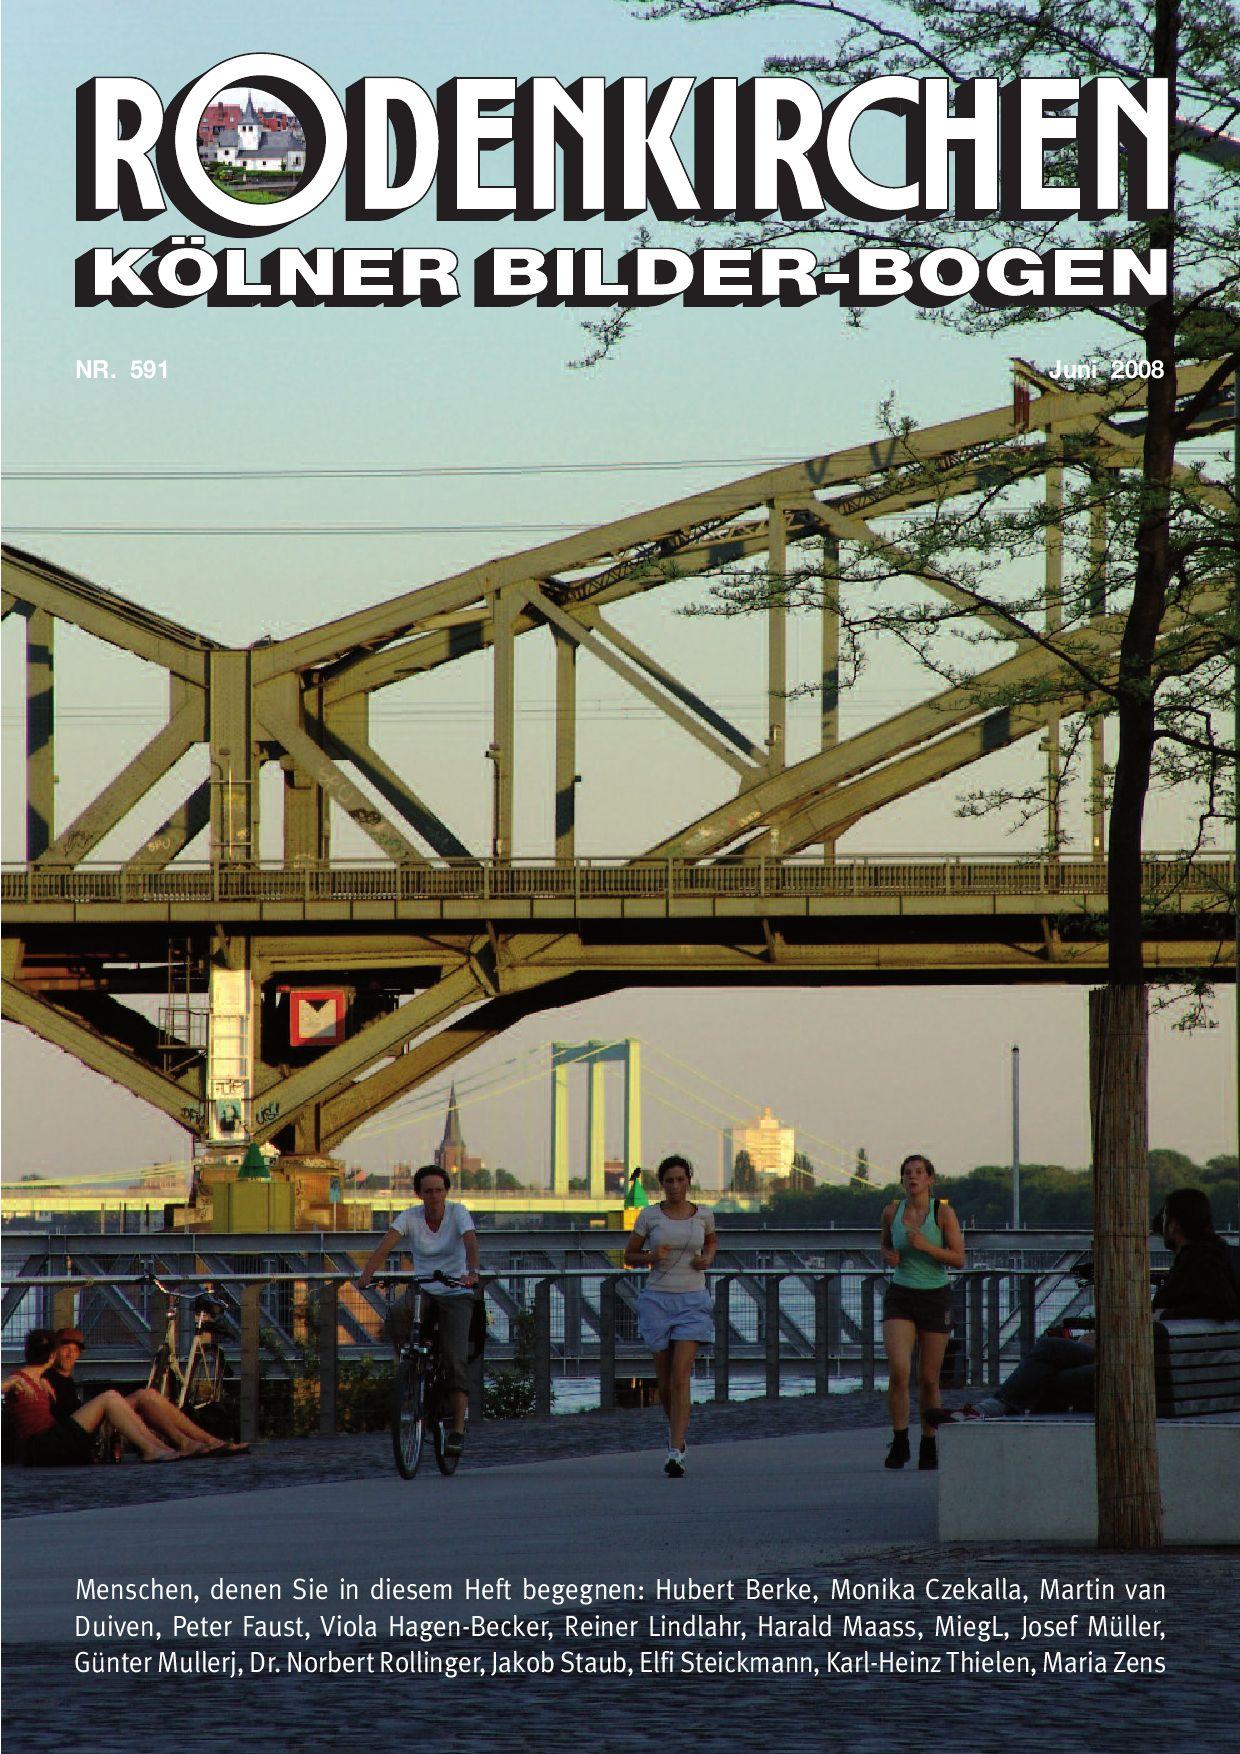 Heft Nr. 597 Kölner Bilderbogen Dezember 2008 by Peter Fells - issuu